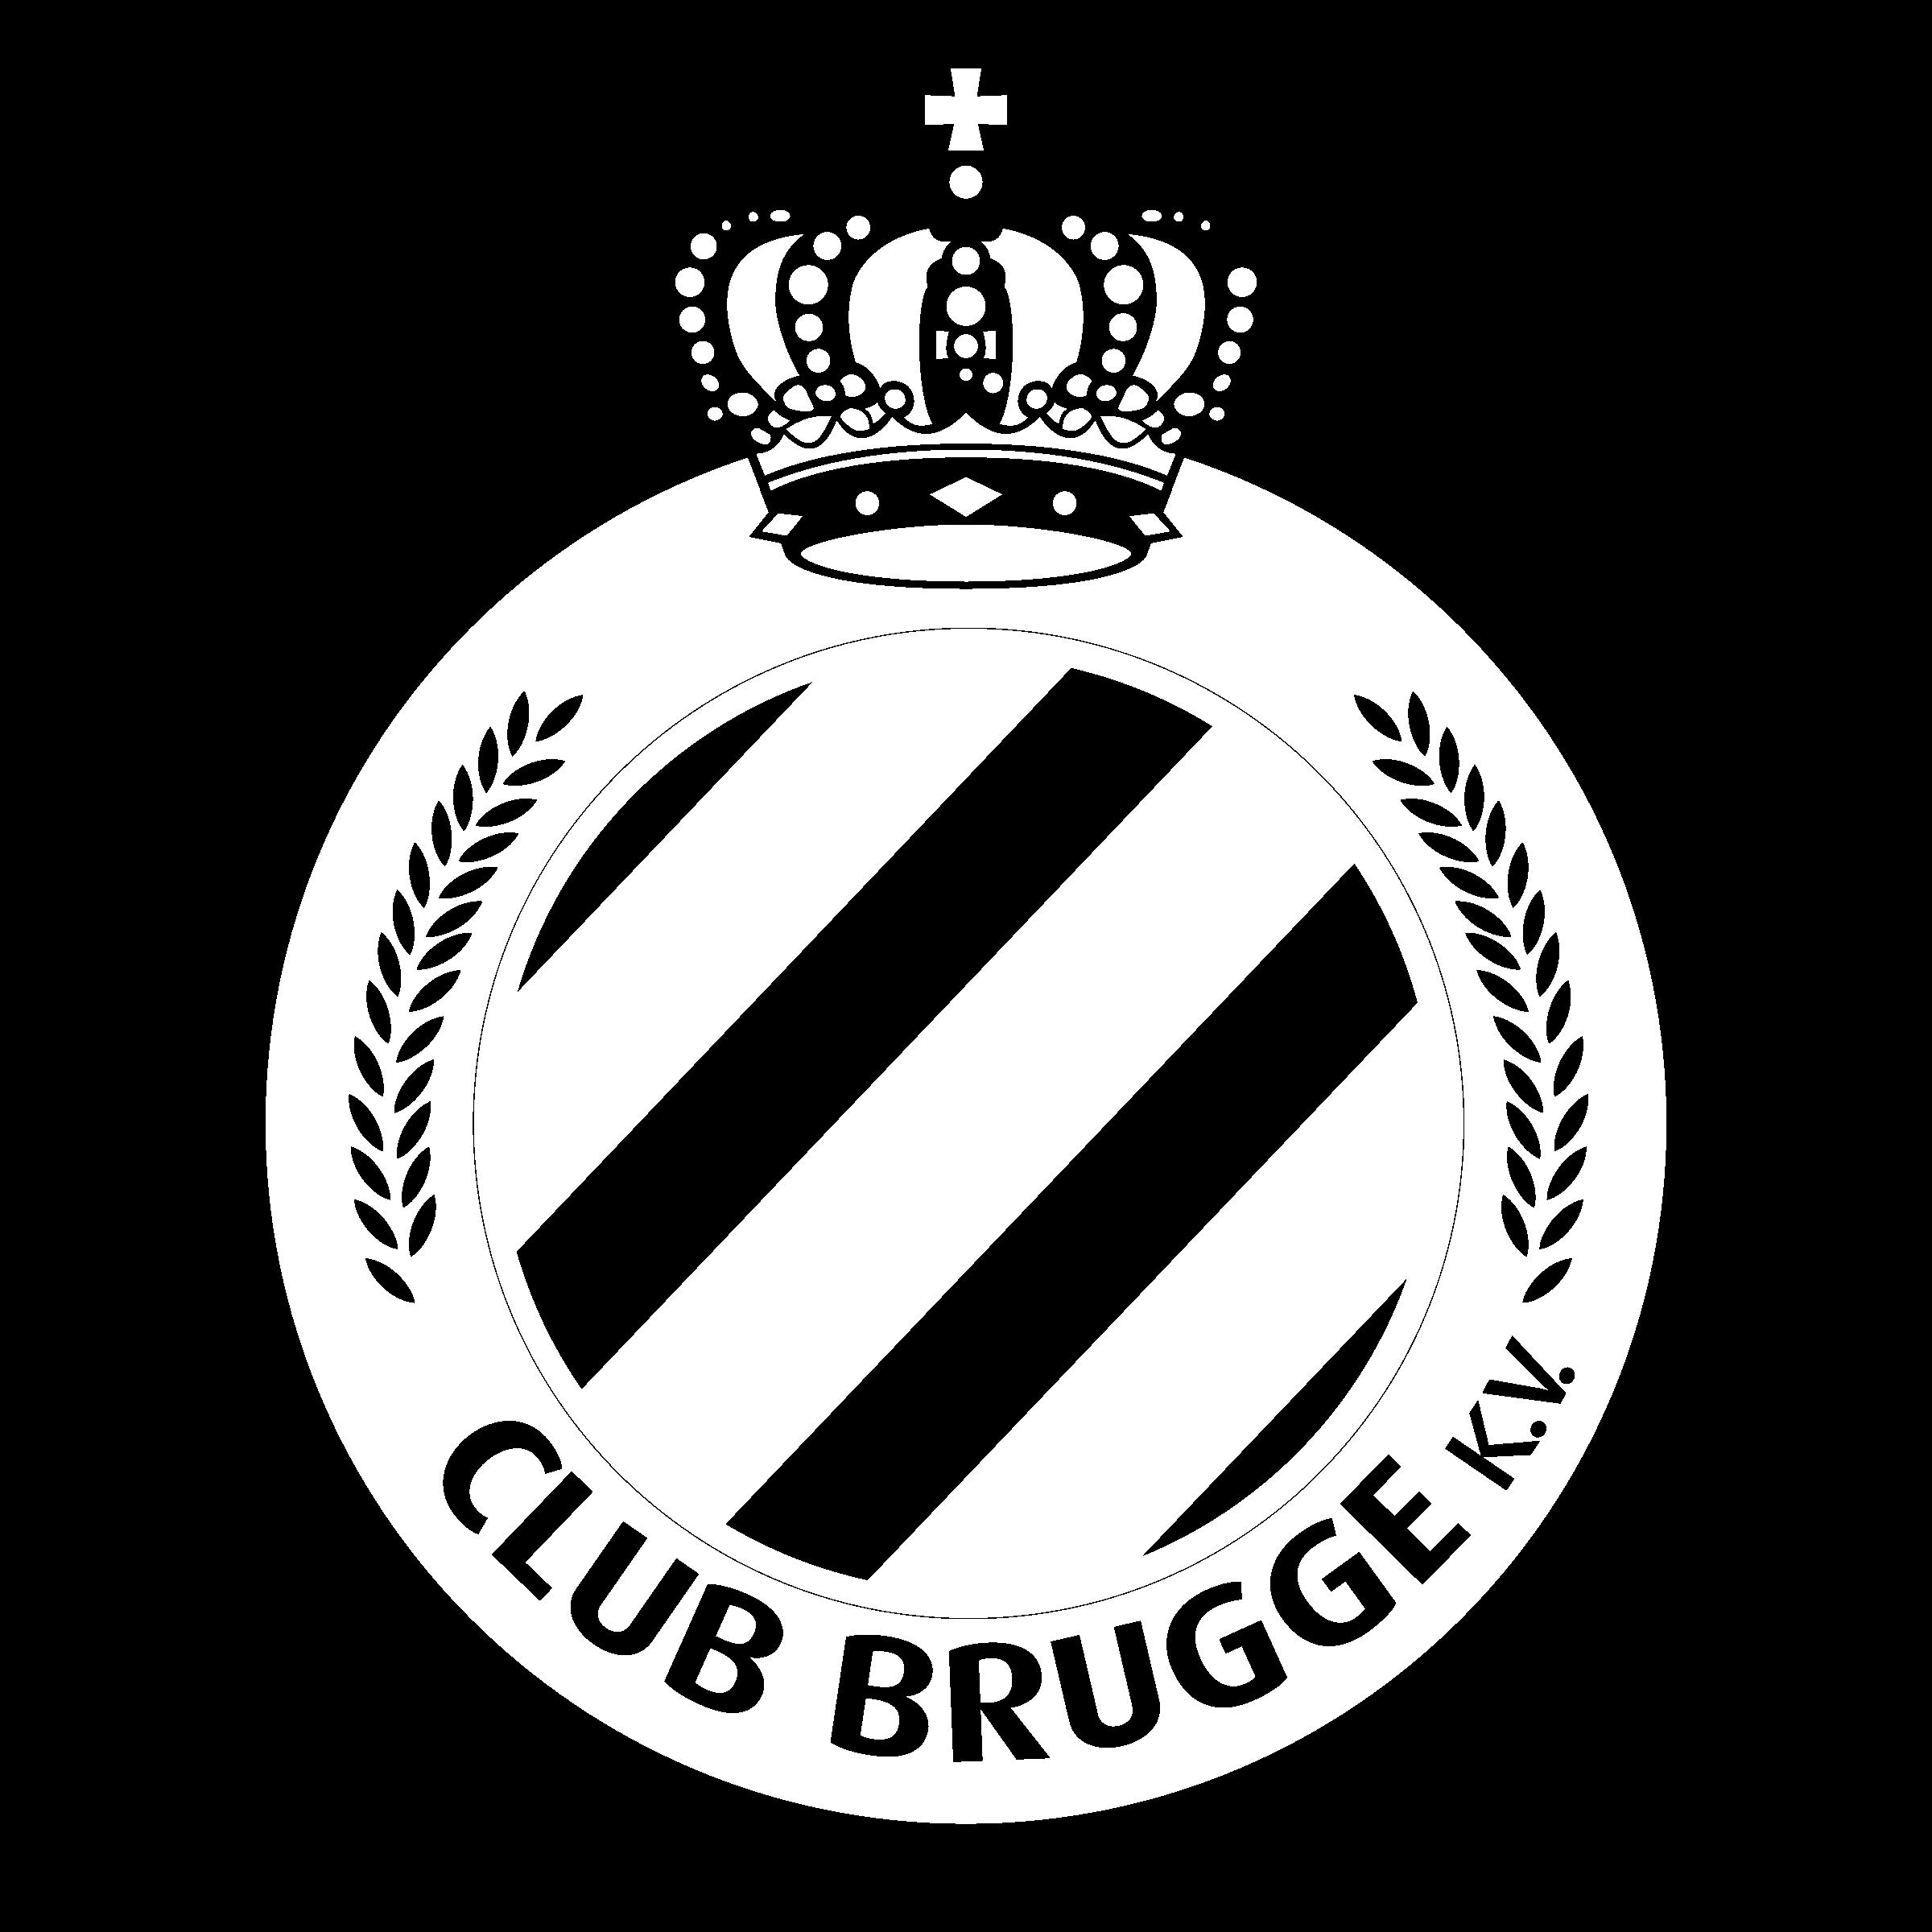 Club Brugge Afbeeldingen